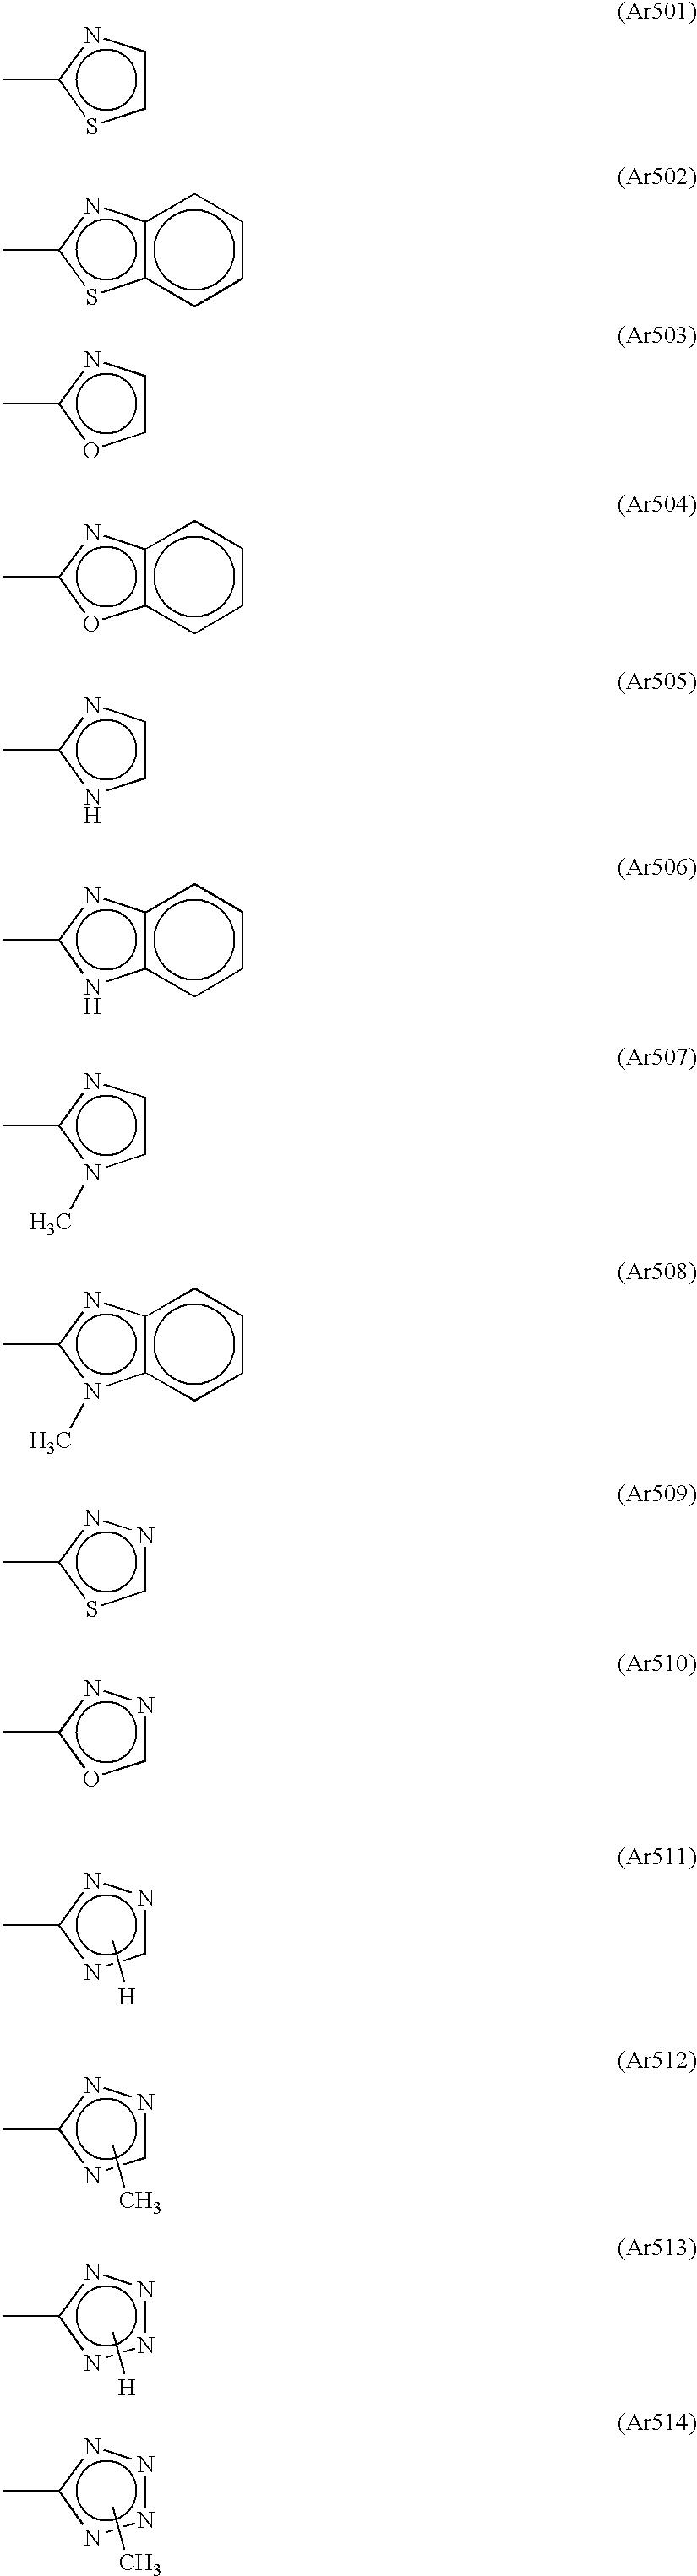 Figure US07128953-20061031-C00001